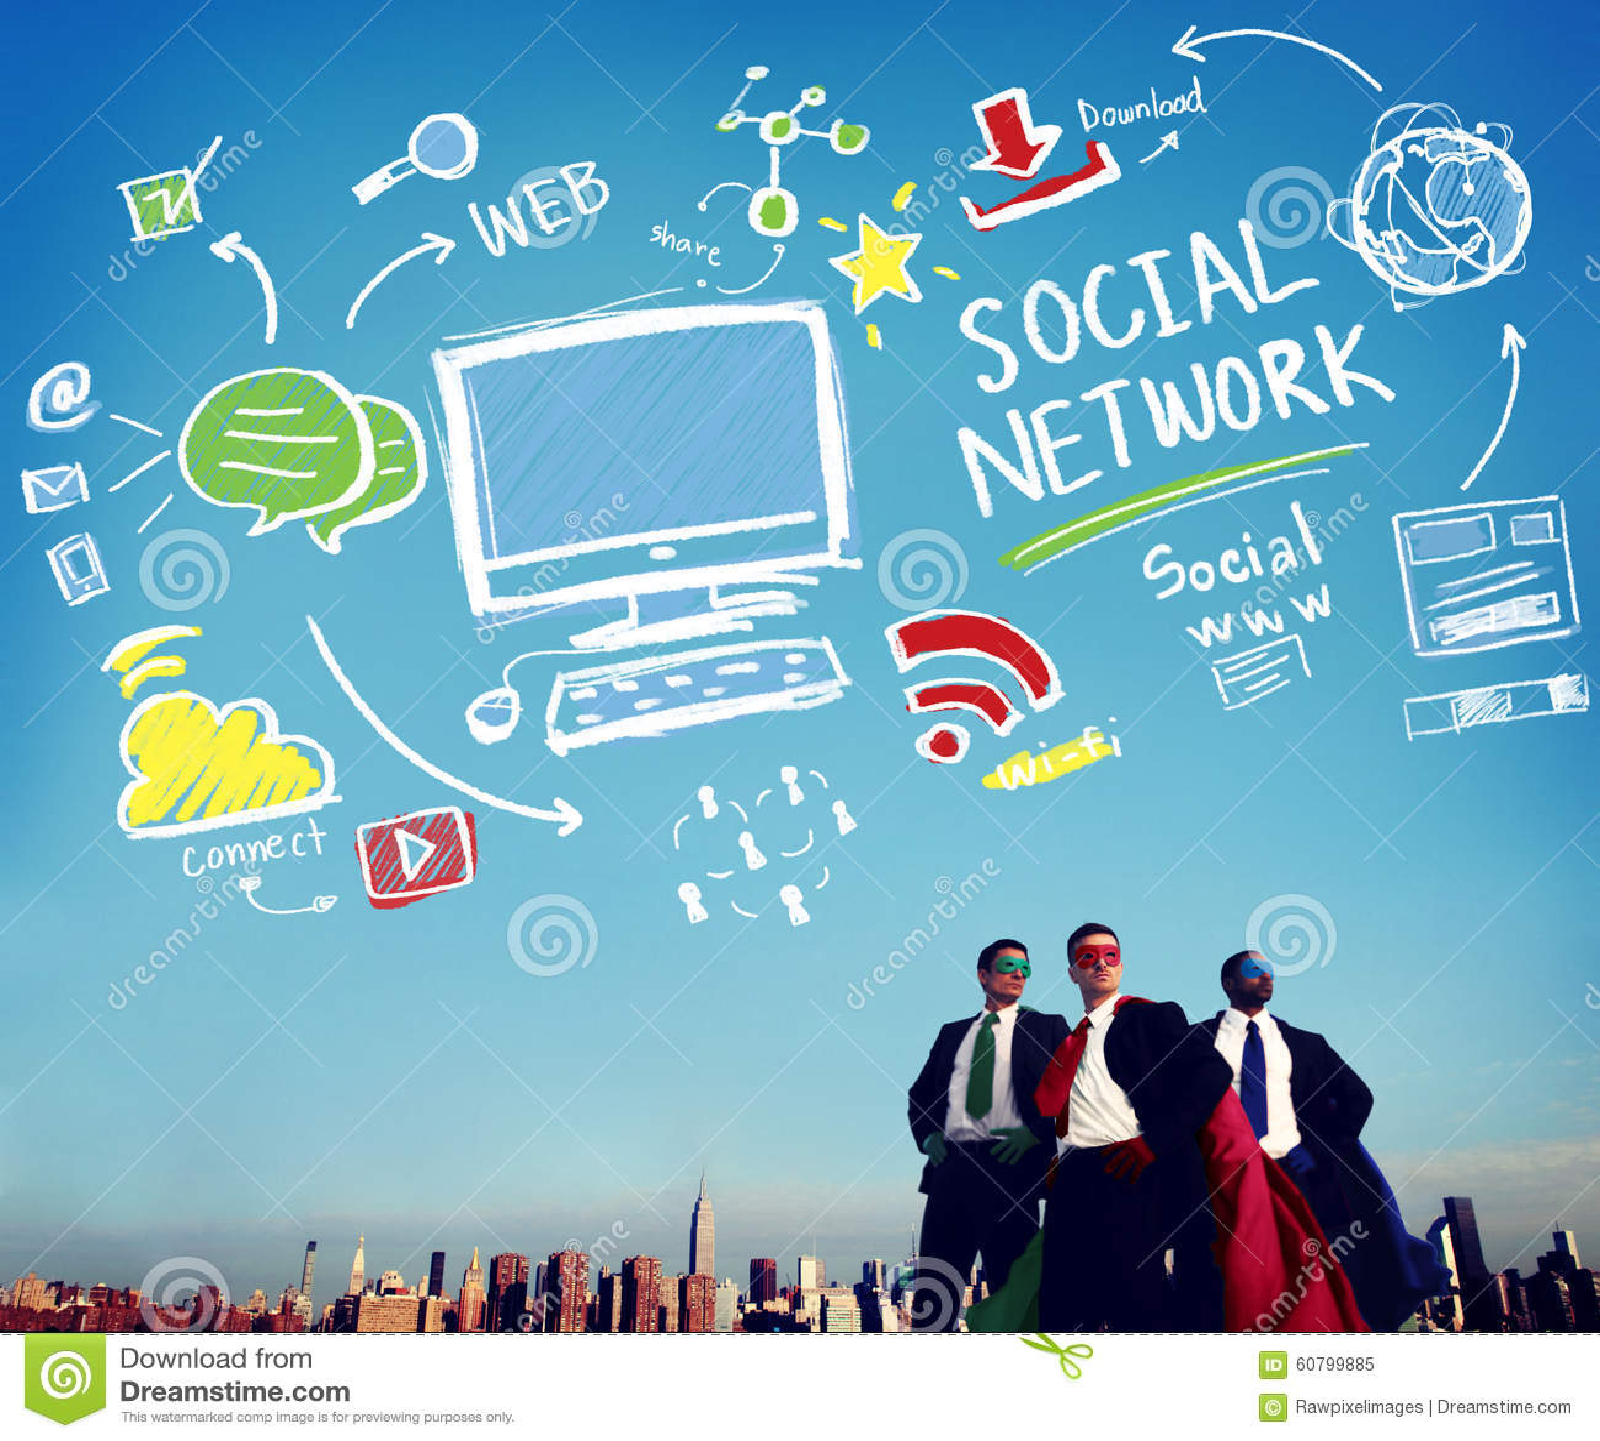 Online social media dating free